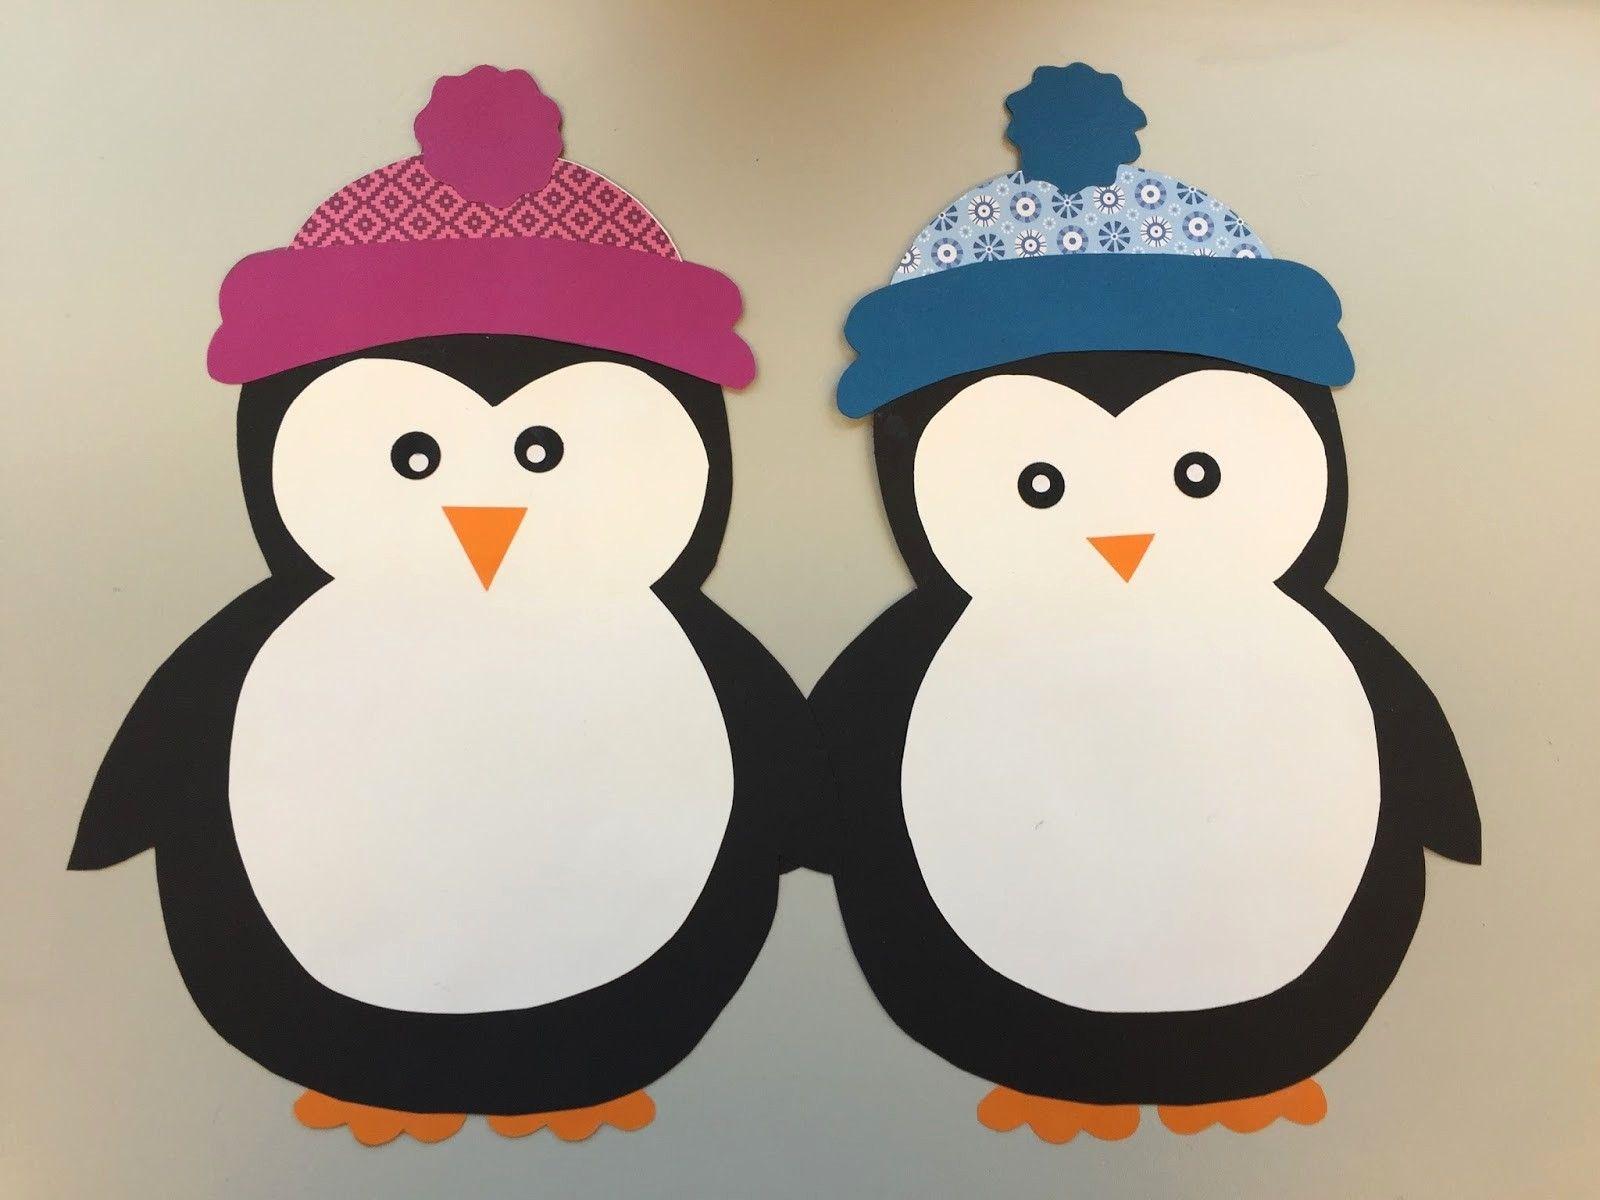 Bastelvorlage Pinguin Fensterbild Avec Klassenkunst Fensterdeko Pinguin Freebie Et Fensterdeko Basteln Fensterdeko Weihnachten Basteln Basteln Winter Vorlagen